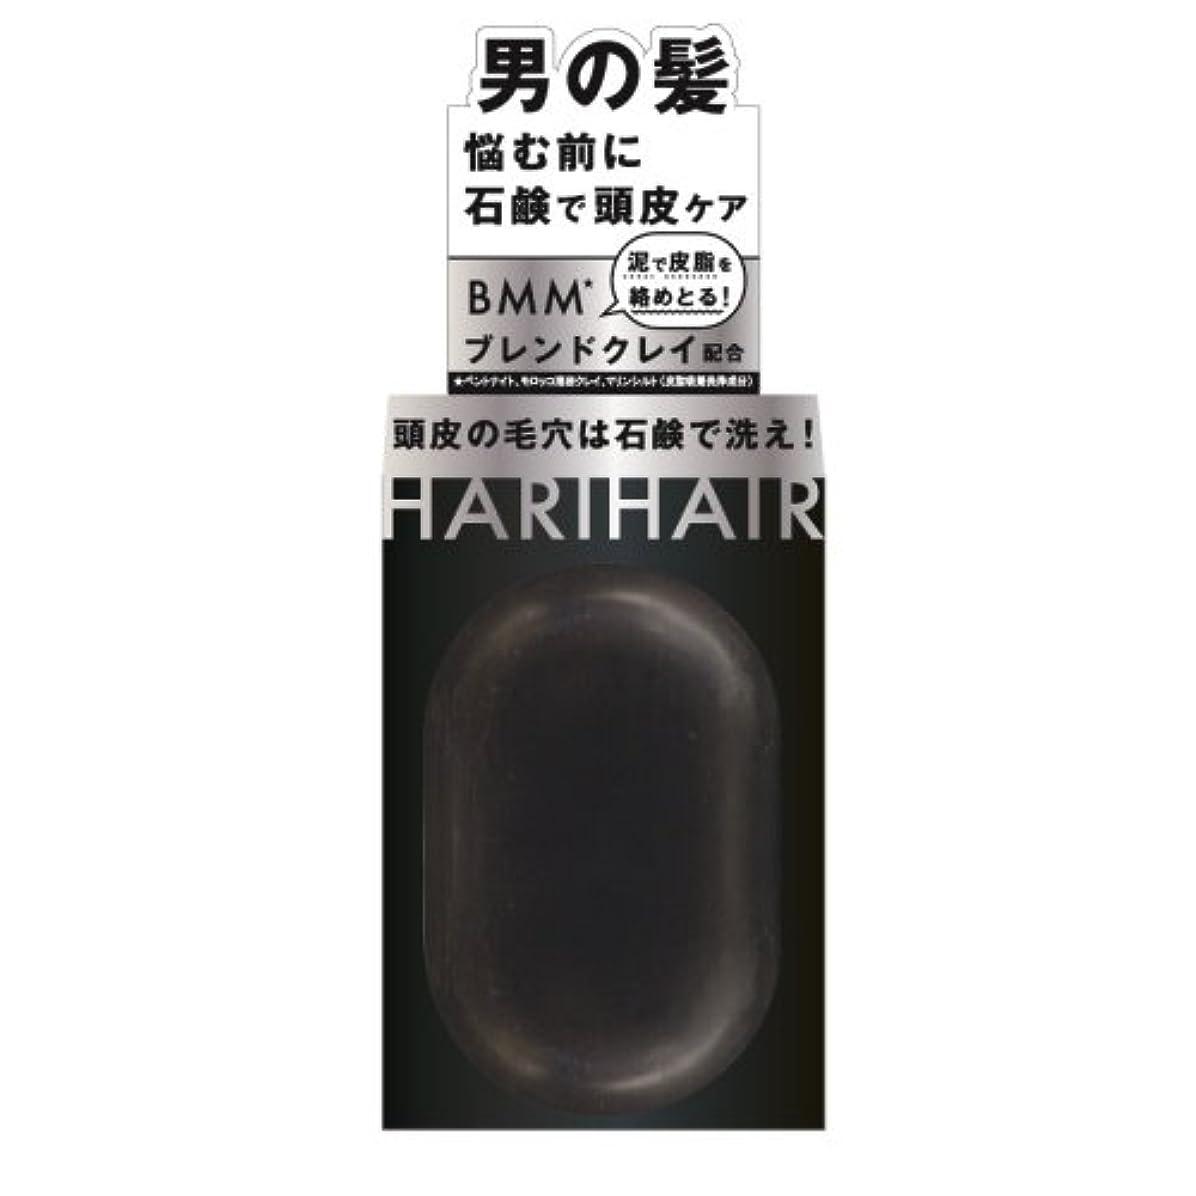 農場月曜失望ペリカン石鹸 ハリヘア 固形シャンプー 100g